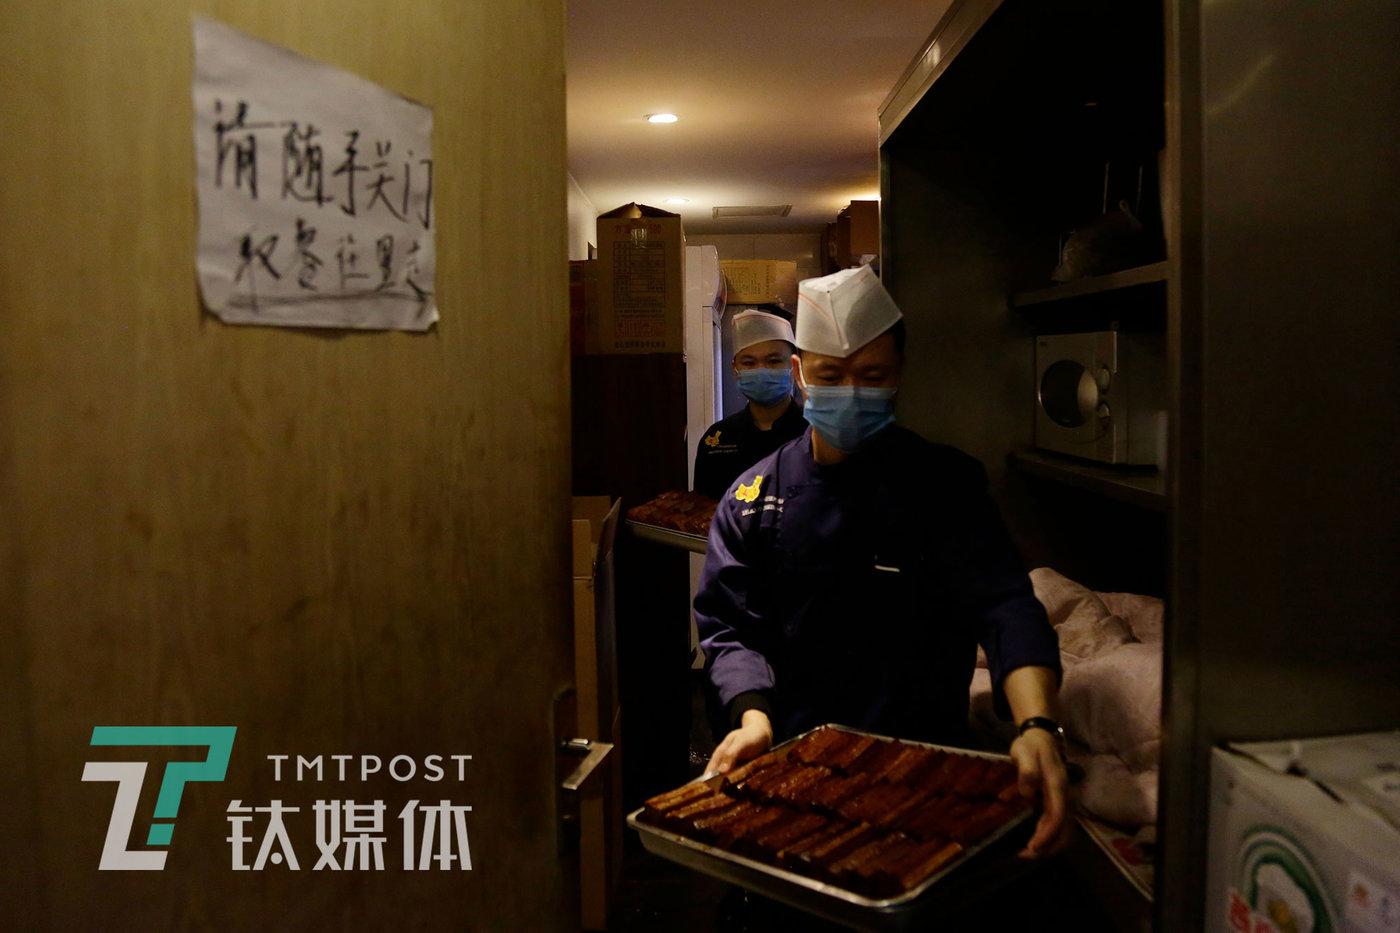 3月31日,北京,湘悦楼员工将刚做好的卤味豆干从厨房端至一楼大厅。